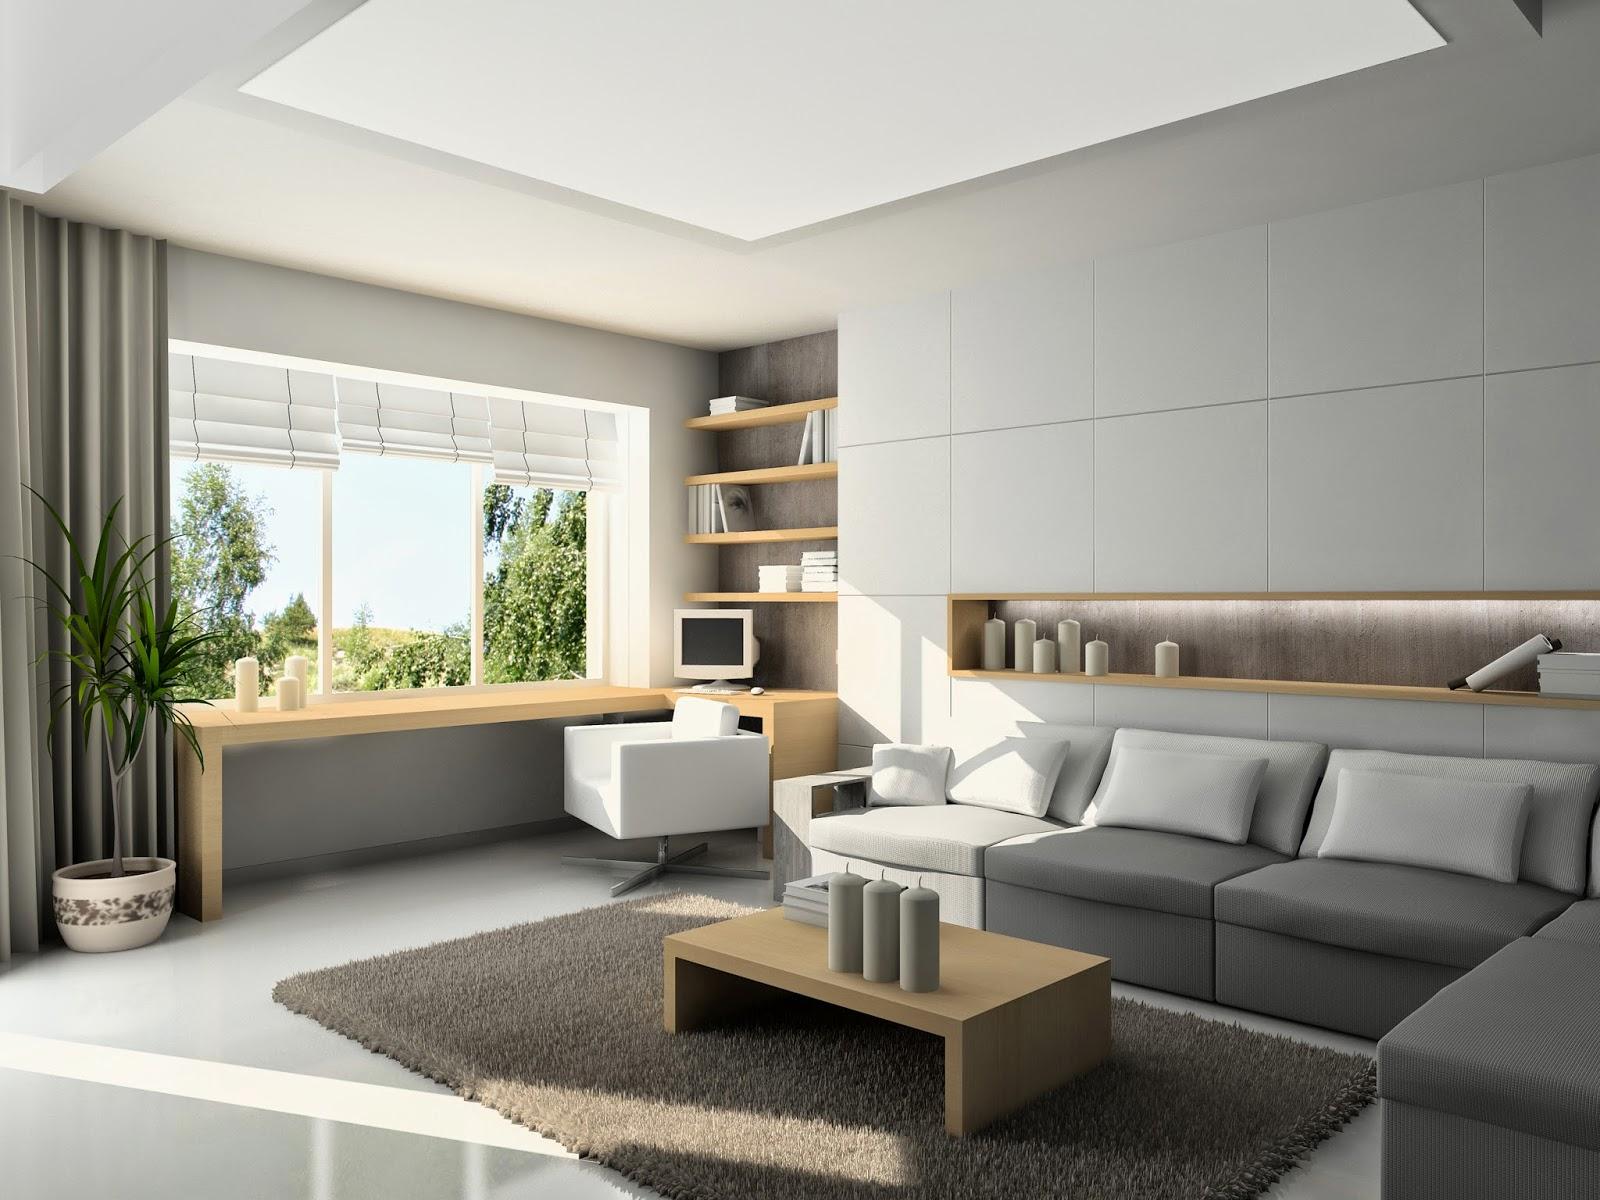 Contoh Desain Ruang Tamu Minimalis Cantik Terbaru